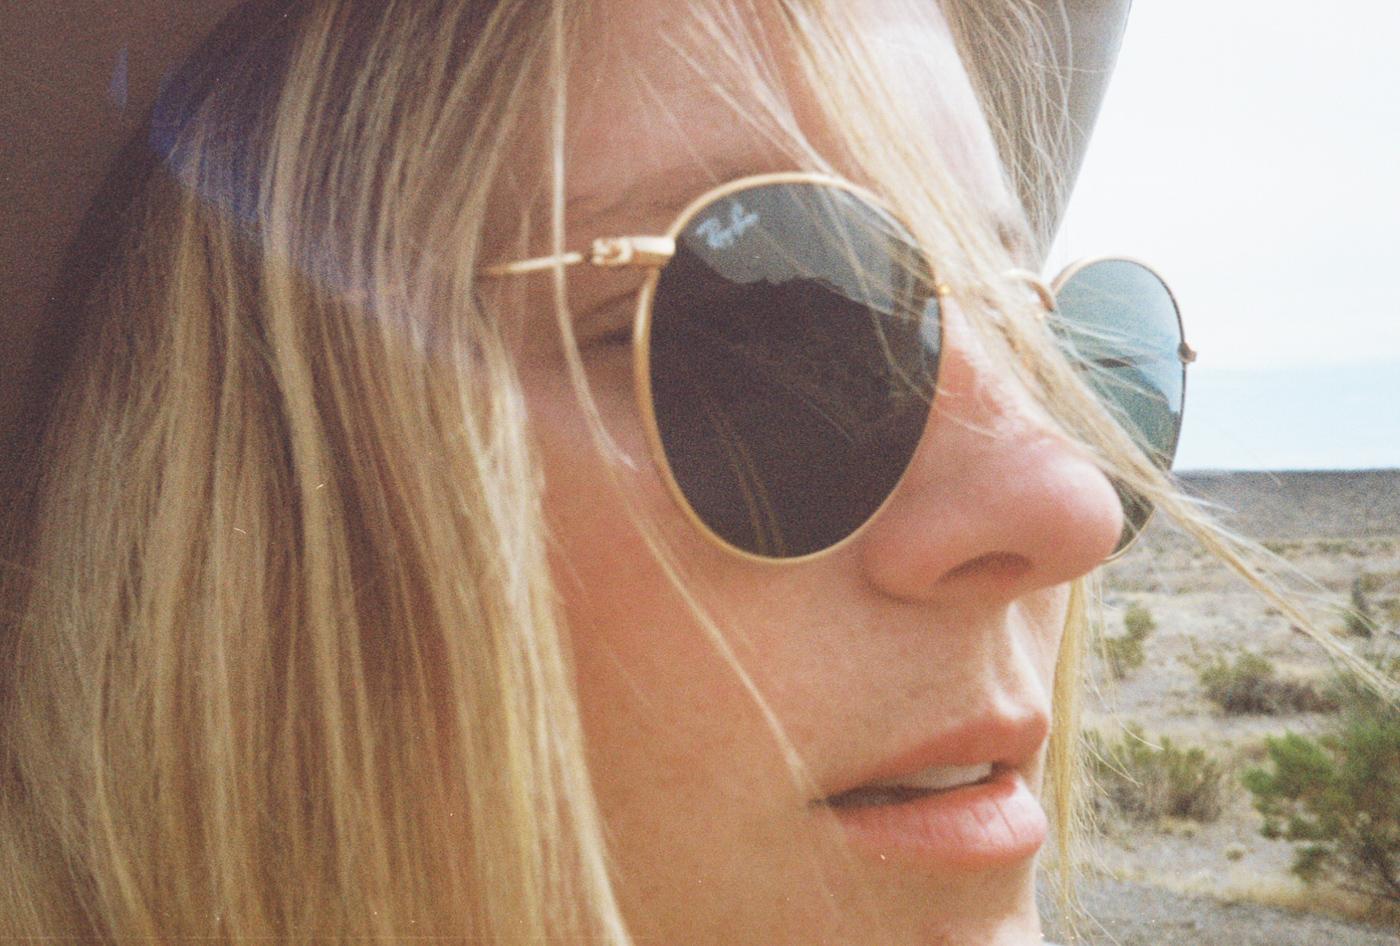 film 35mm lomo olympus hike camp big bend texas america yall pawlowski face